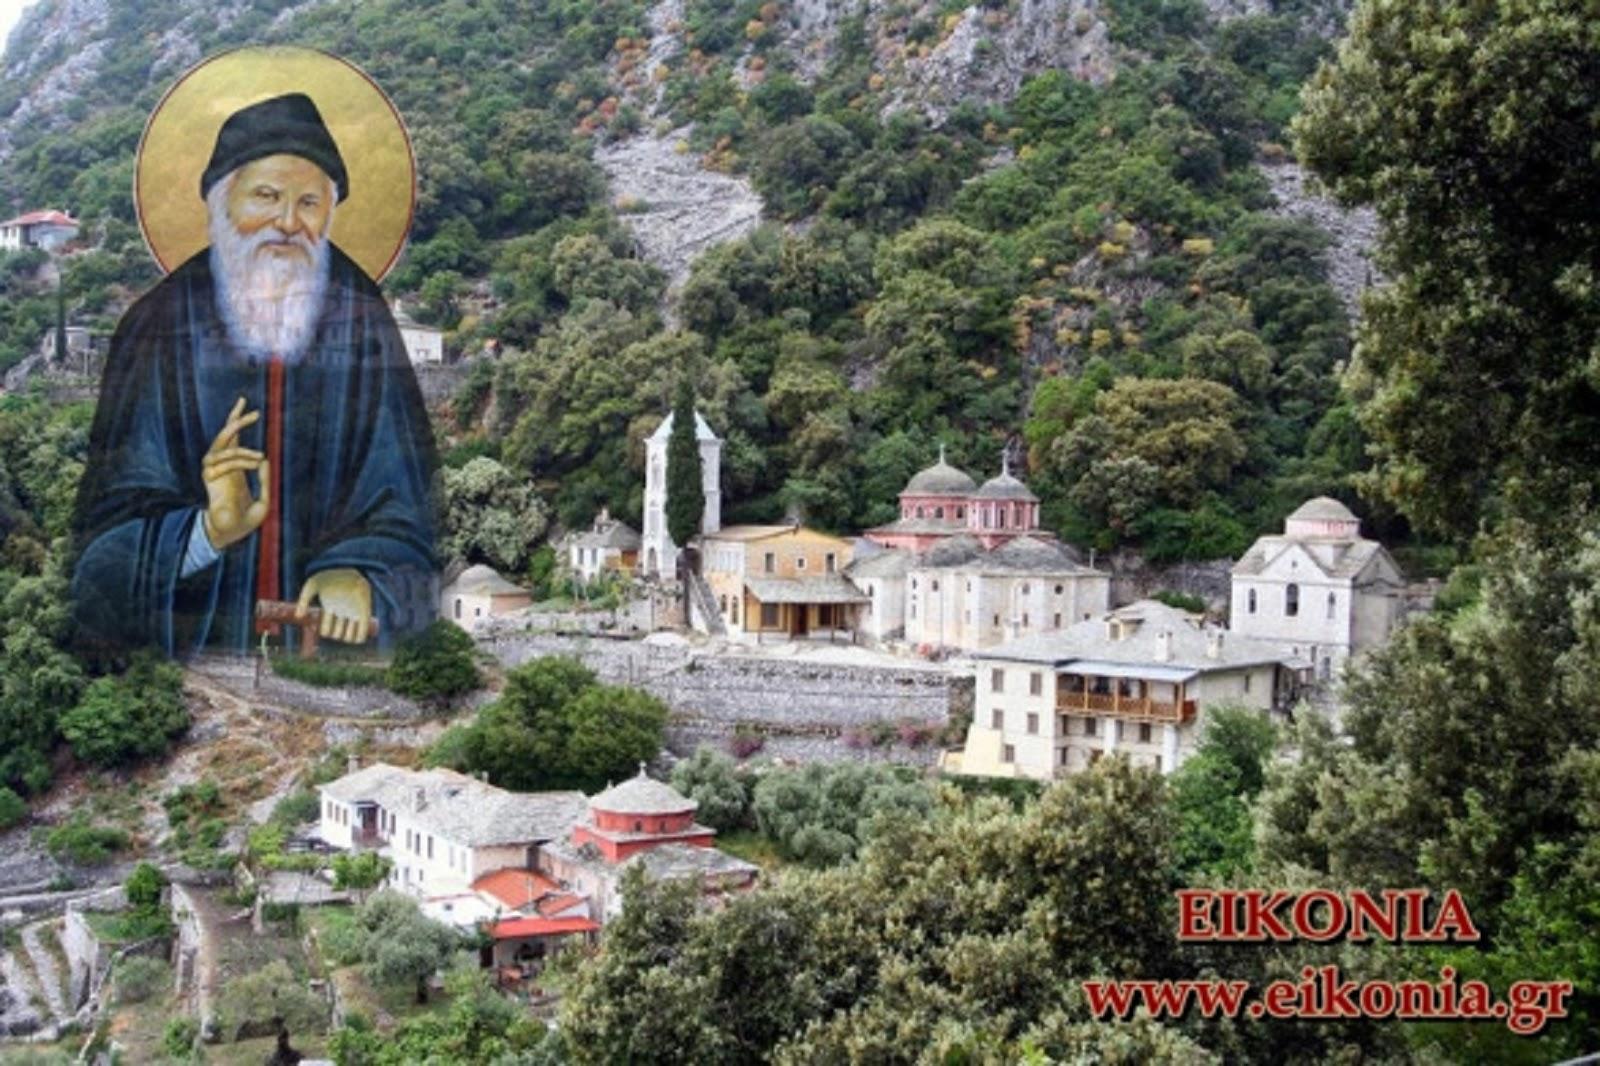 Στους δύσκολους καιρούς θα βοηθήσουν τα Μοναστήρια (Άγιος Πορφύριος)